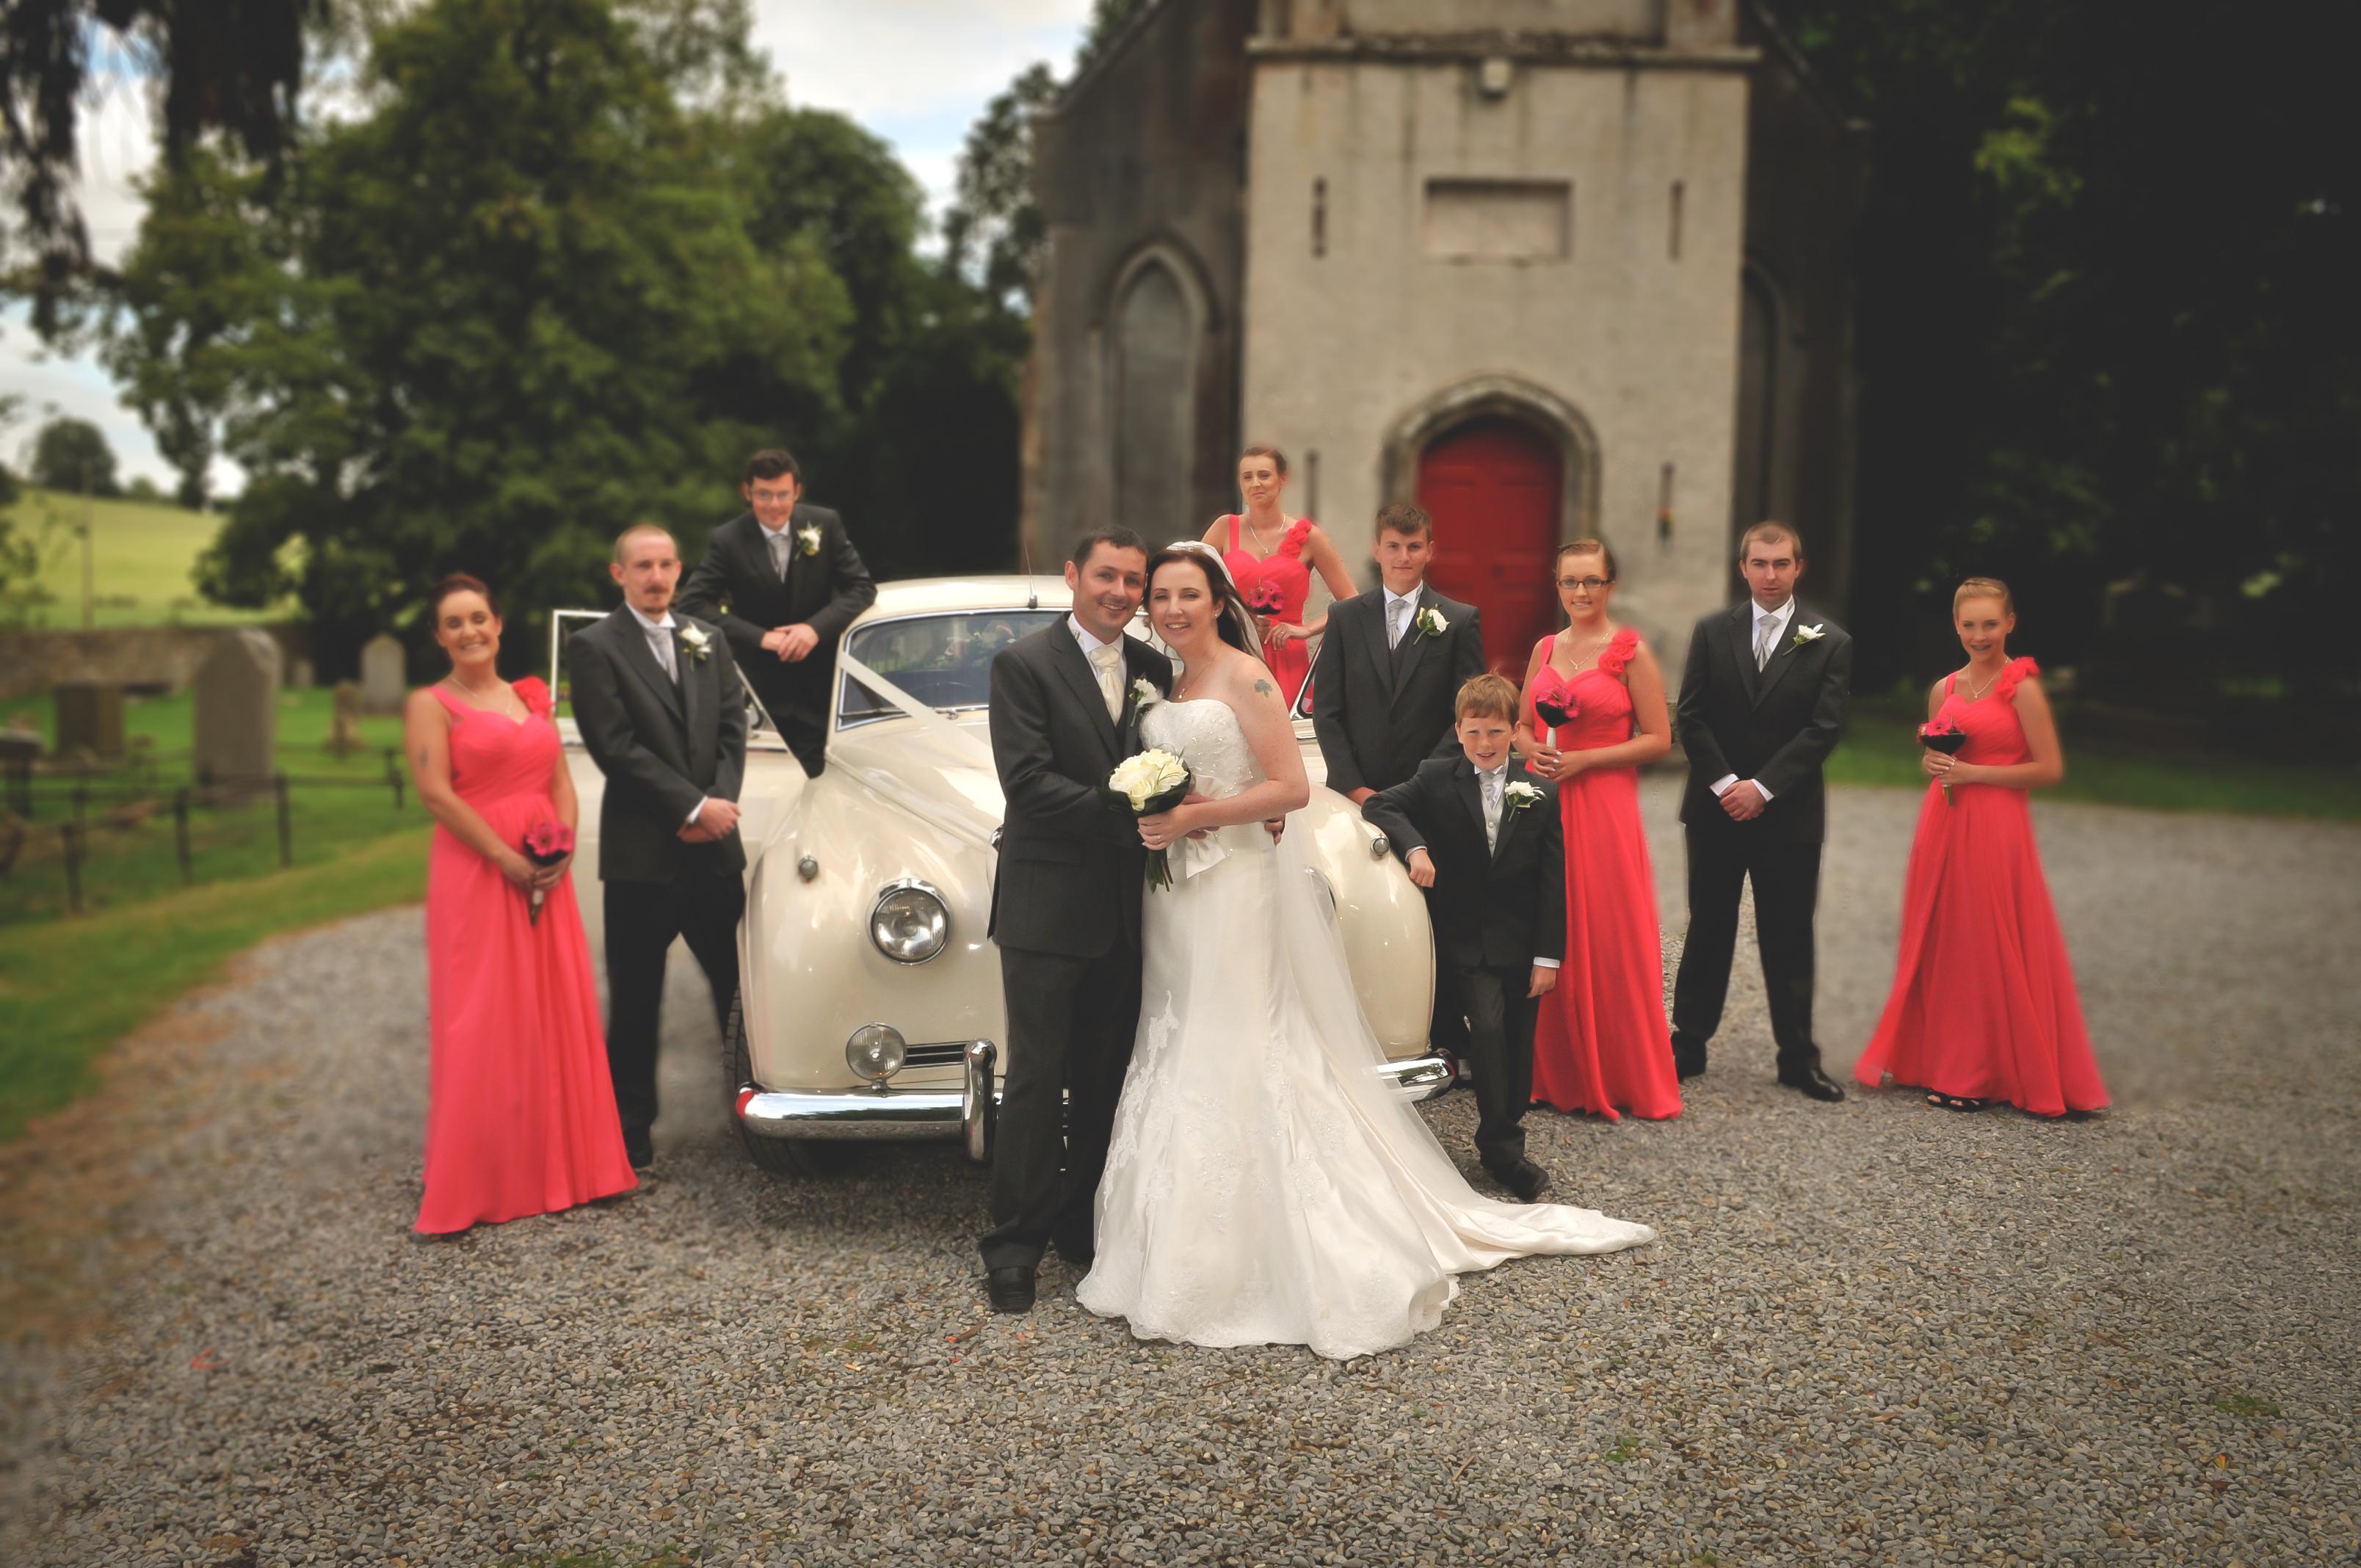 wedding 3 (13).jpg